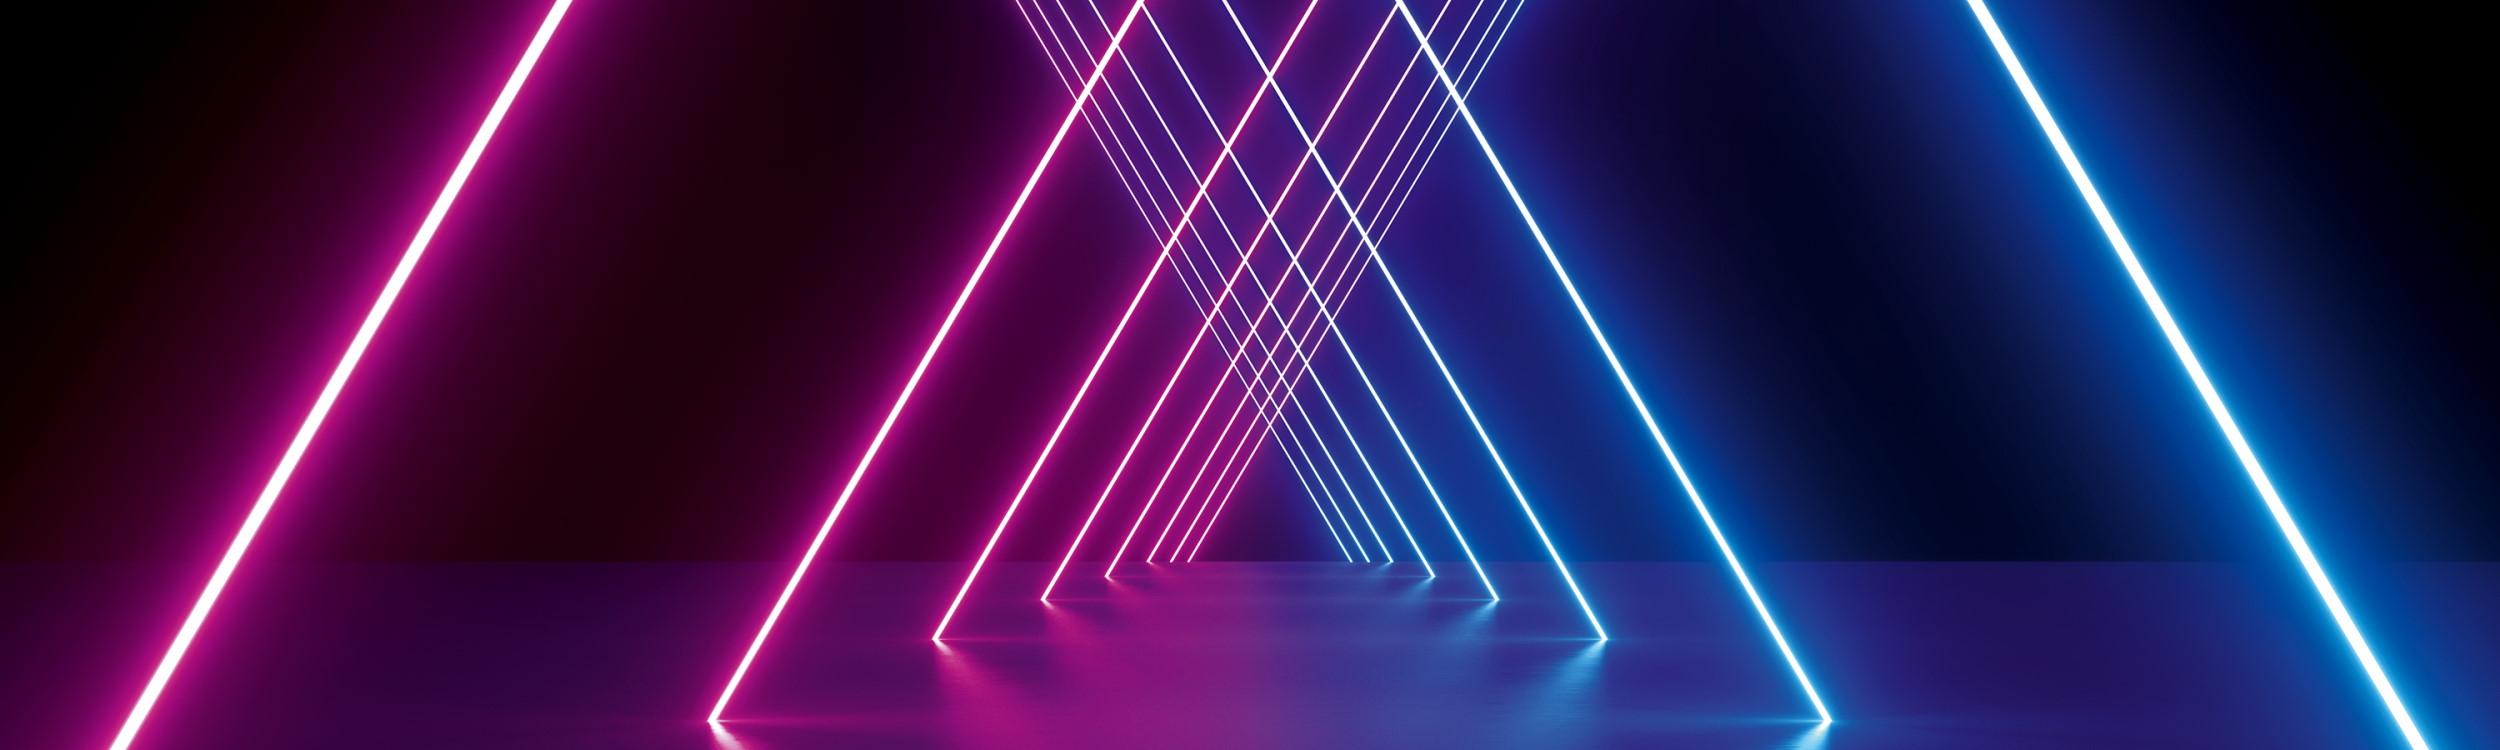 neon-nagel_header_Leuchtreklame